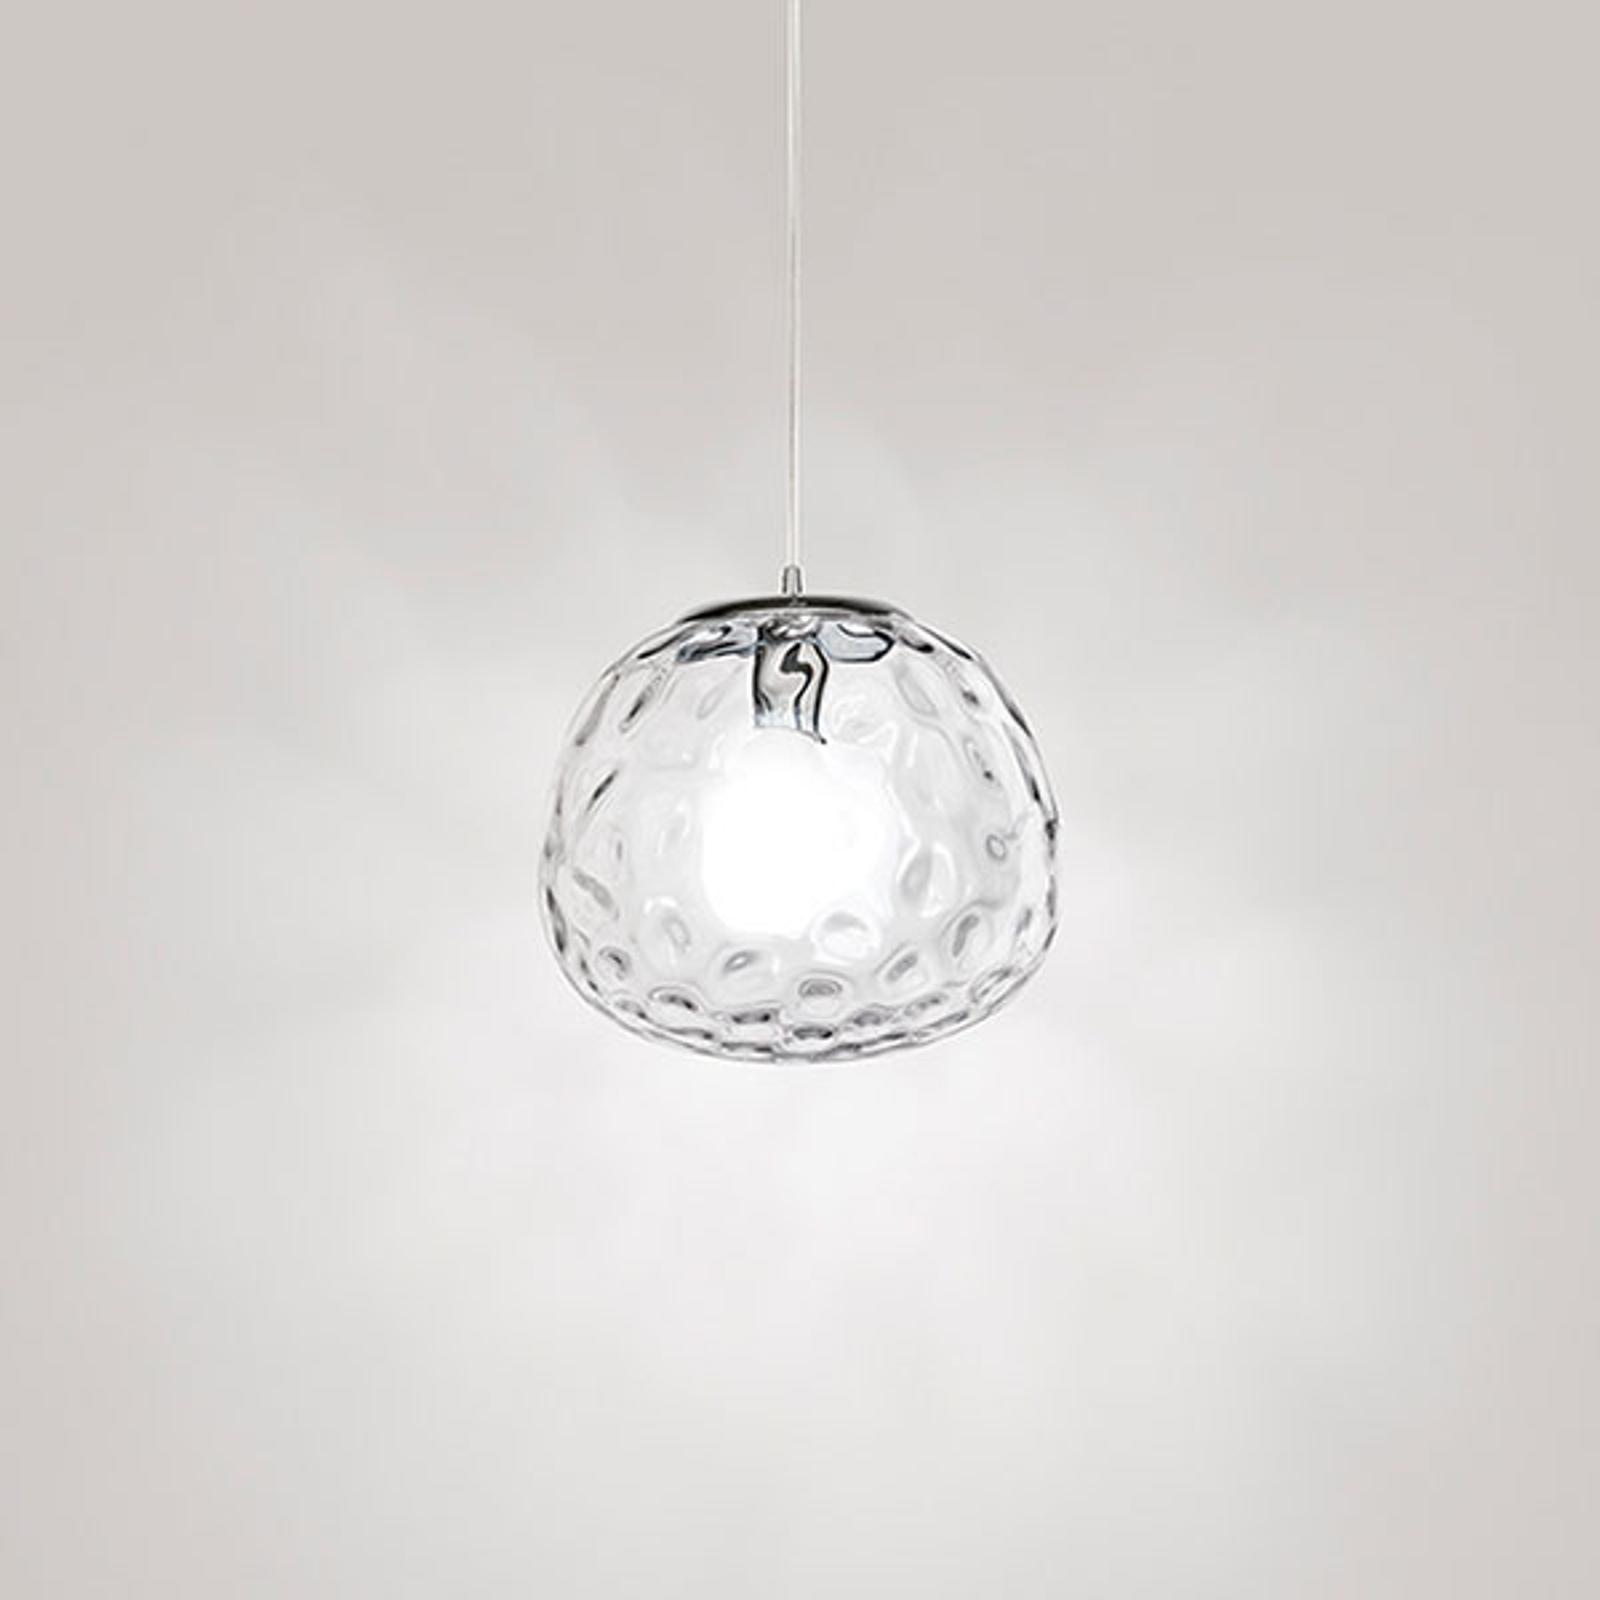 Lampa wisząca 6466 z przezroczystym kloszem 30 cm